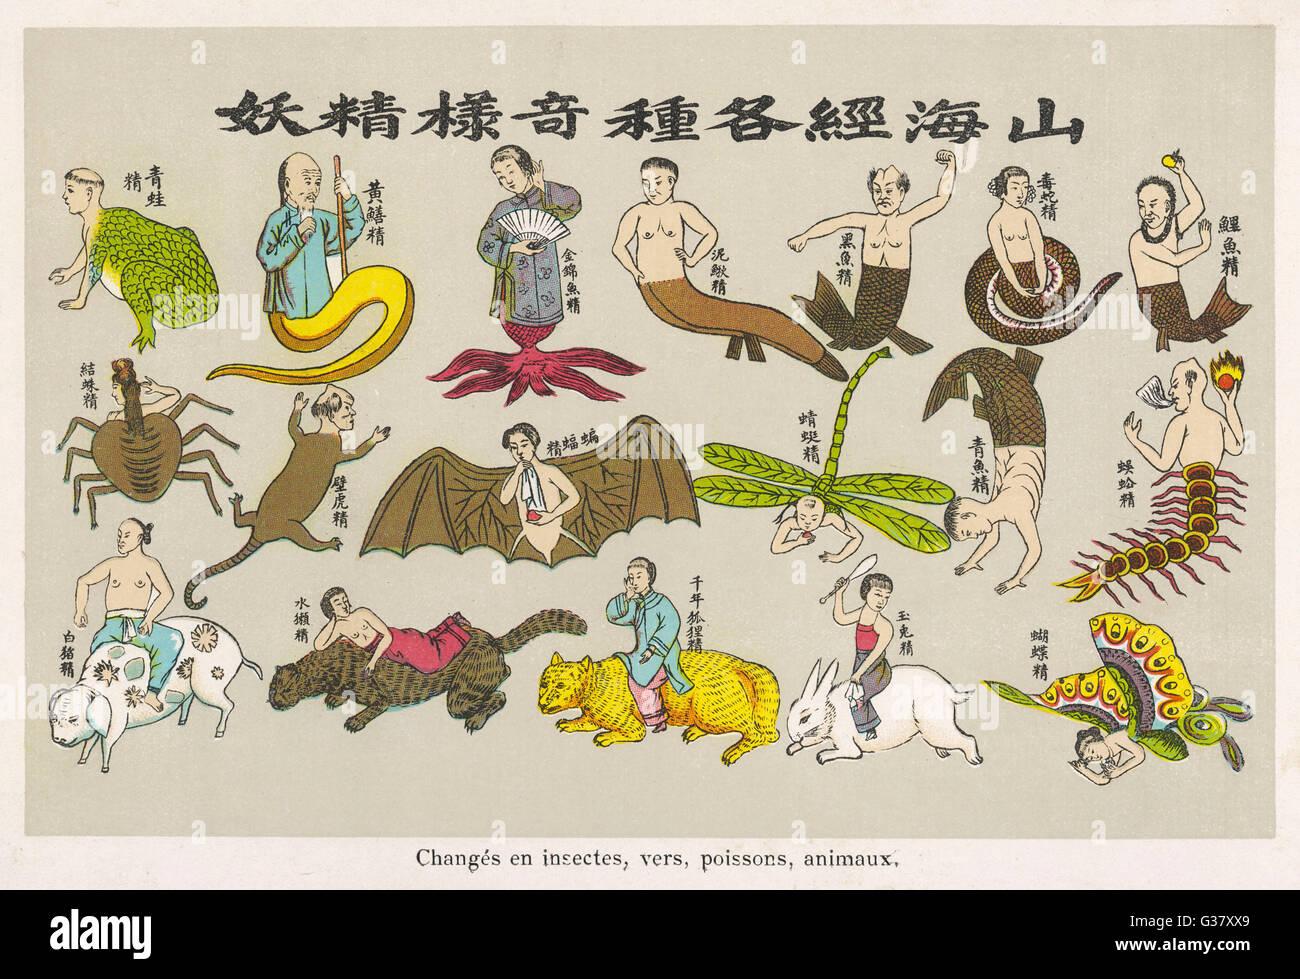 Il concetto buddista del ciclo di ri-nascita: l'anima è nato di nuovo come un uccello, un insetto, un animale(1 Immagini Stock